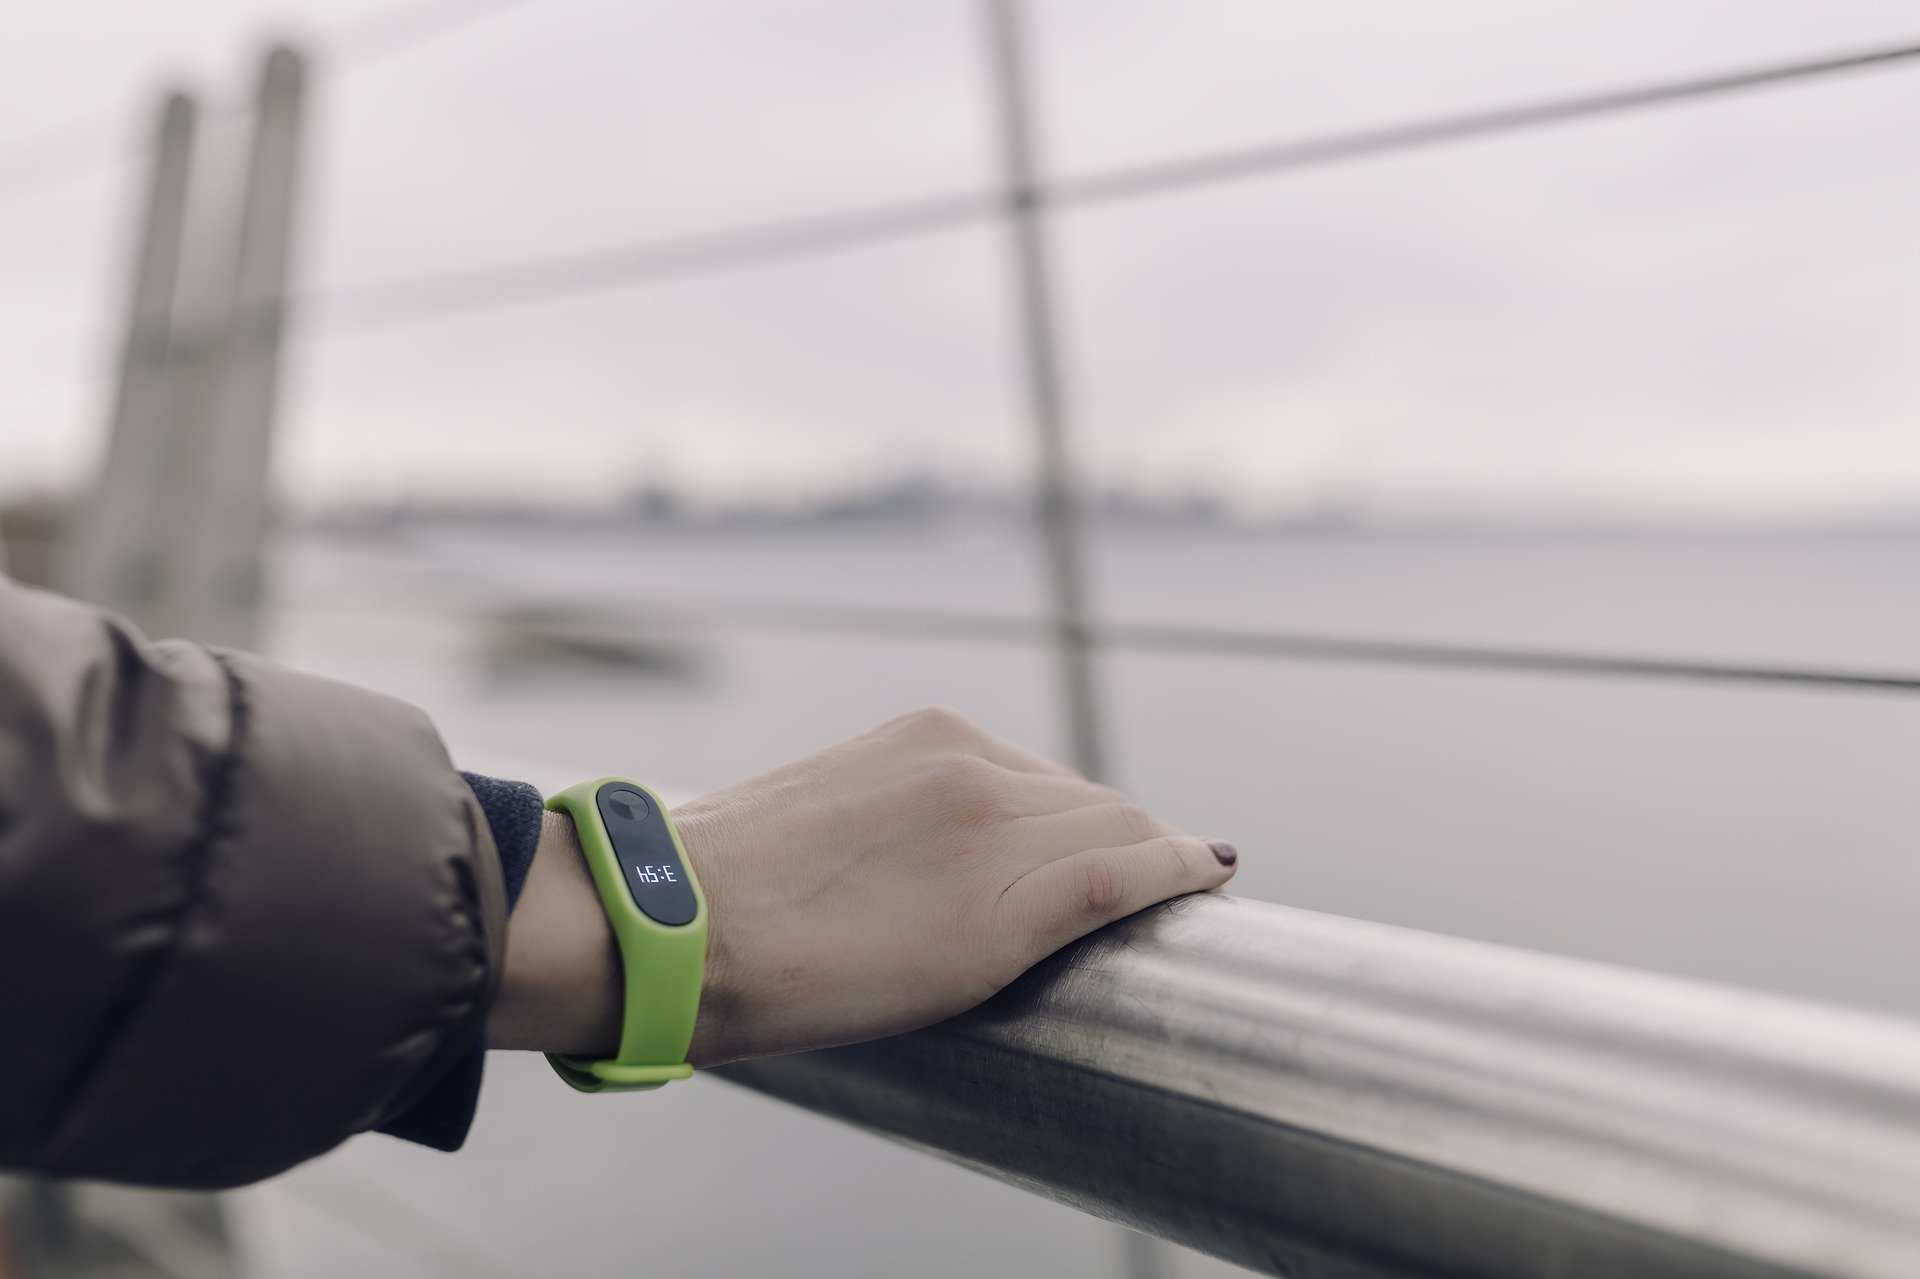 Coronavirus : bientôt un bracelet électronique pour contrôler la quarantaine en Corée du Sud ?